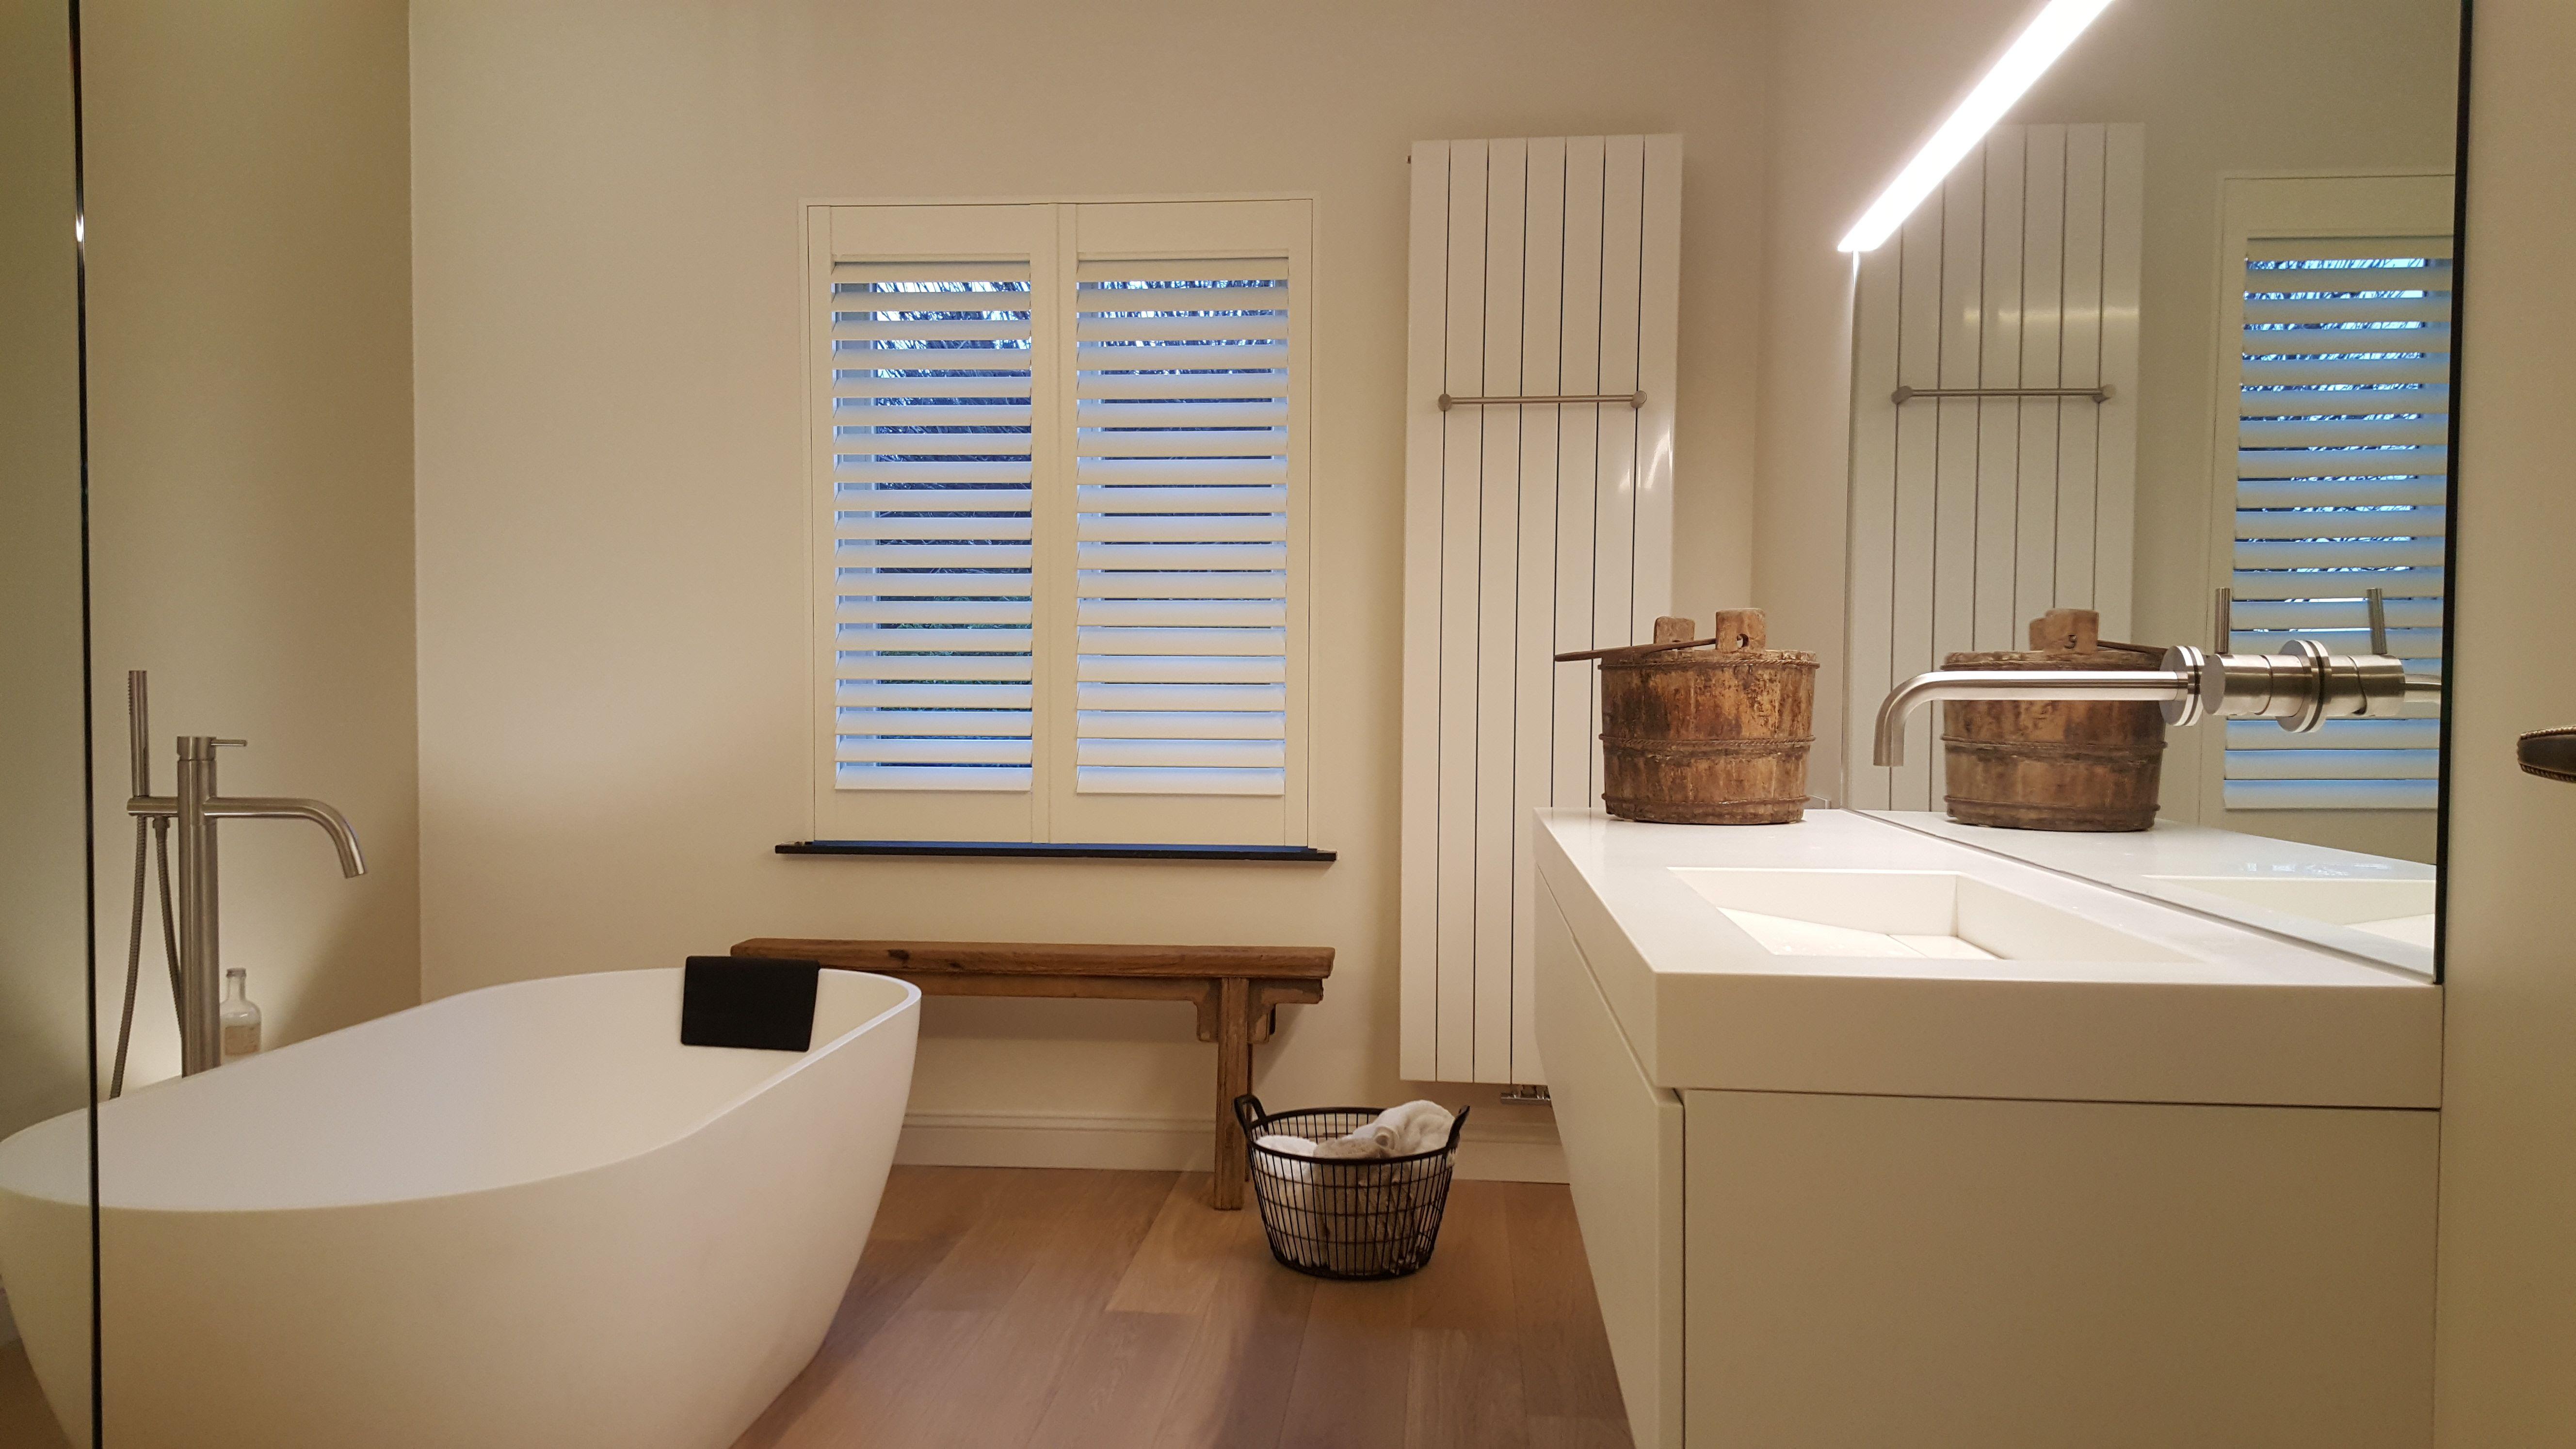 Praxis | Op zoek naar raamdecoratie voor in je badkamer? Kijk dan ...